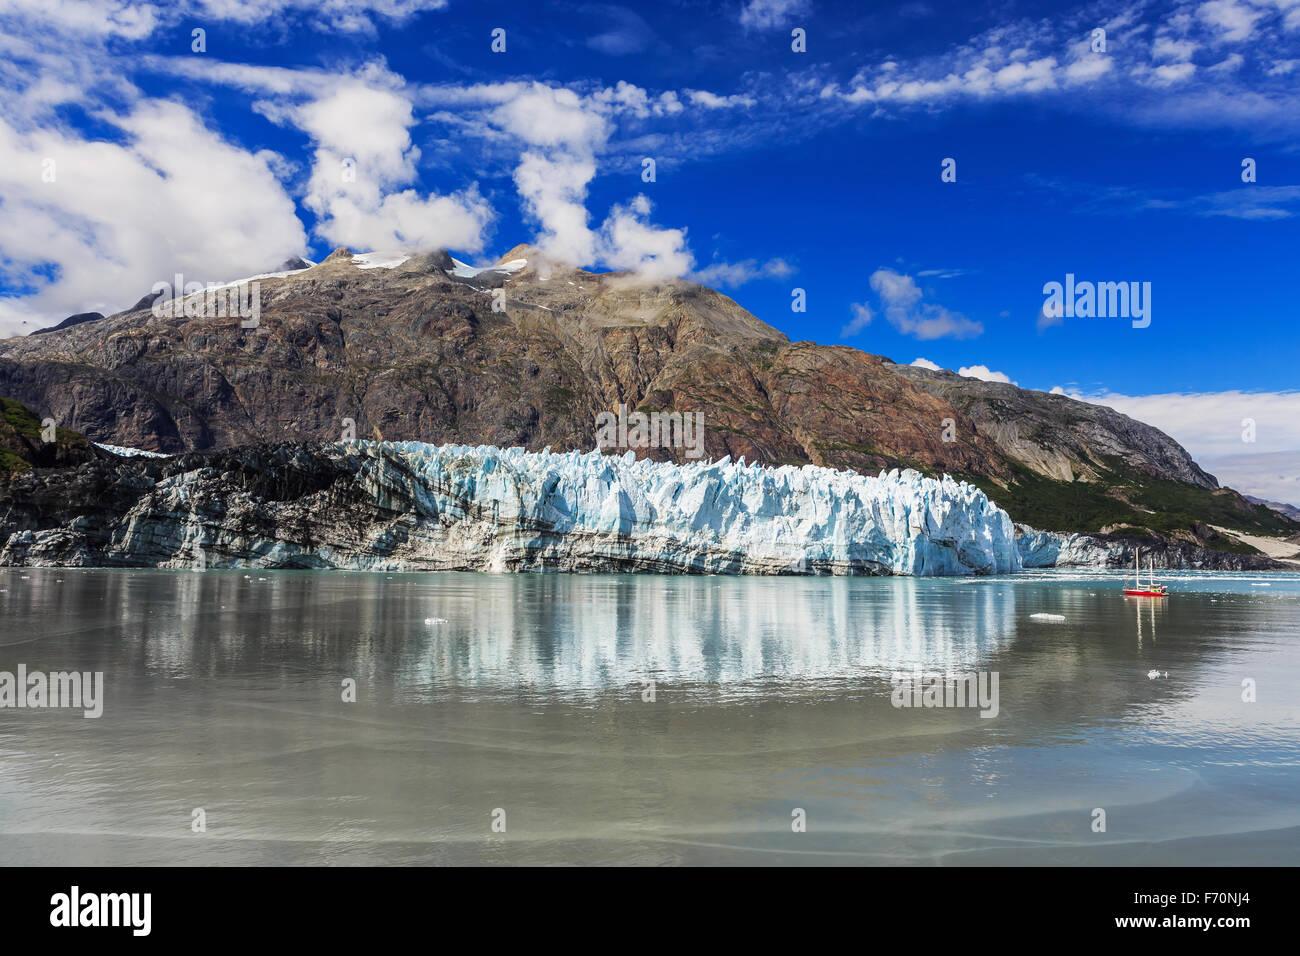 Margerie ghiacciaio nel Parco Nazionale di Glacier Bay, Alaska Immagini Stock